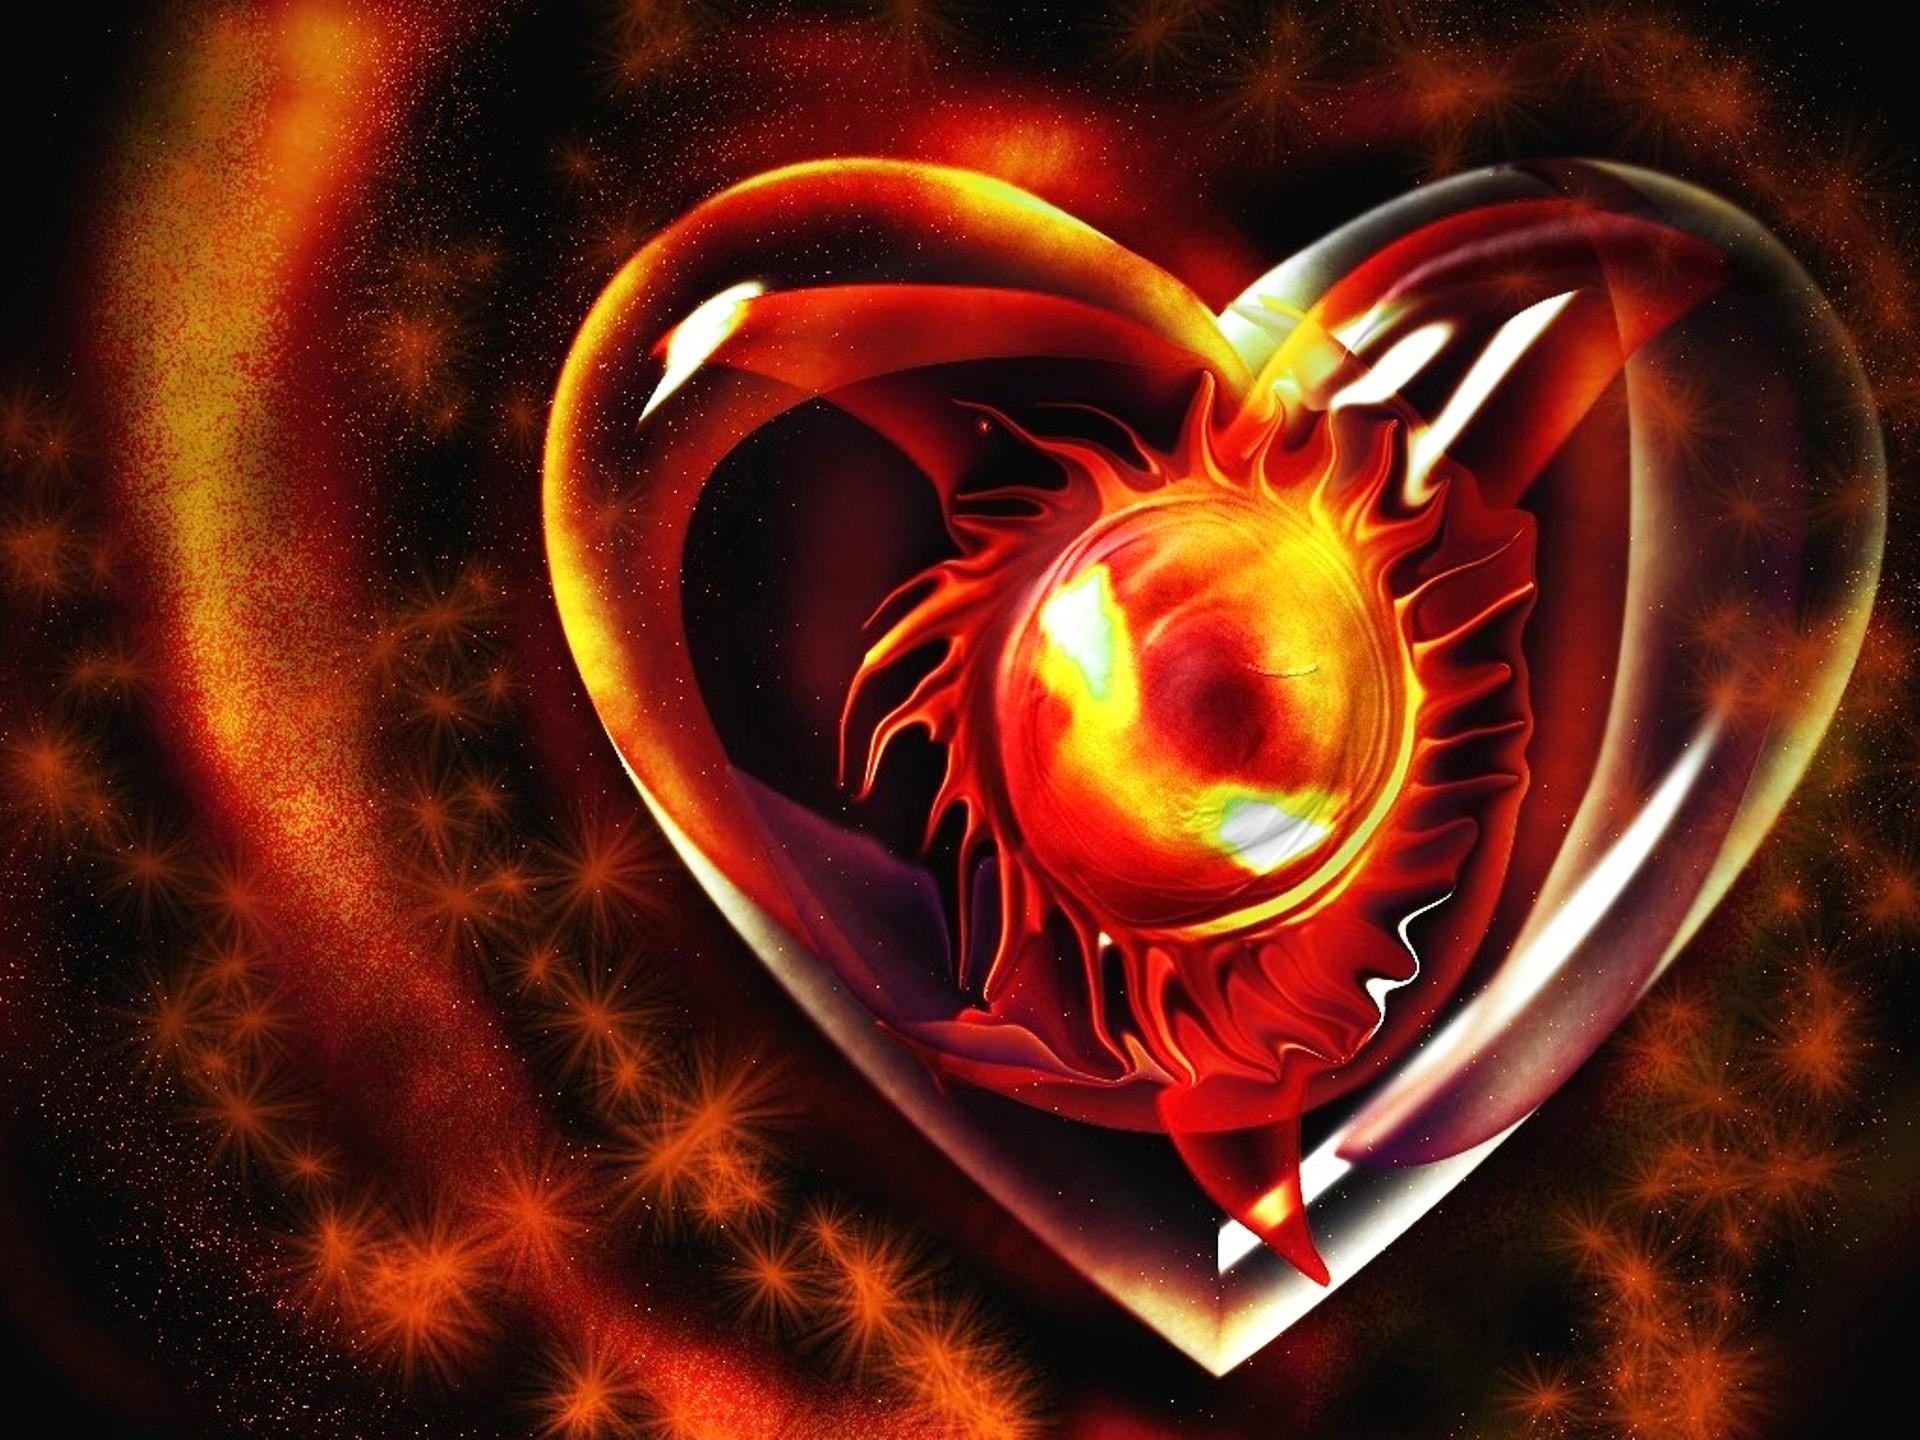 3D Fire Heart Love   HD Wallpapers   3D Fire Heart Love 1920x1440